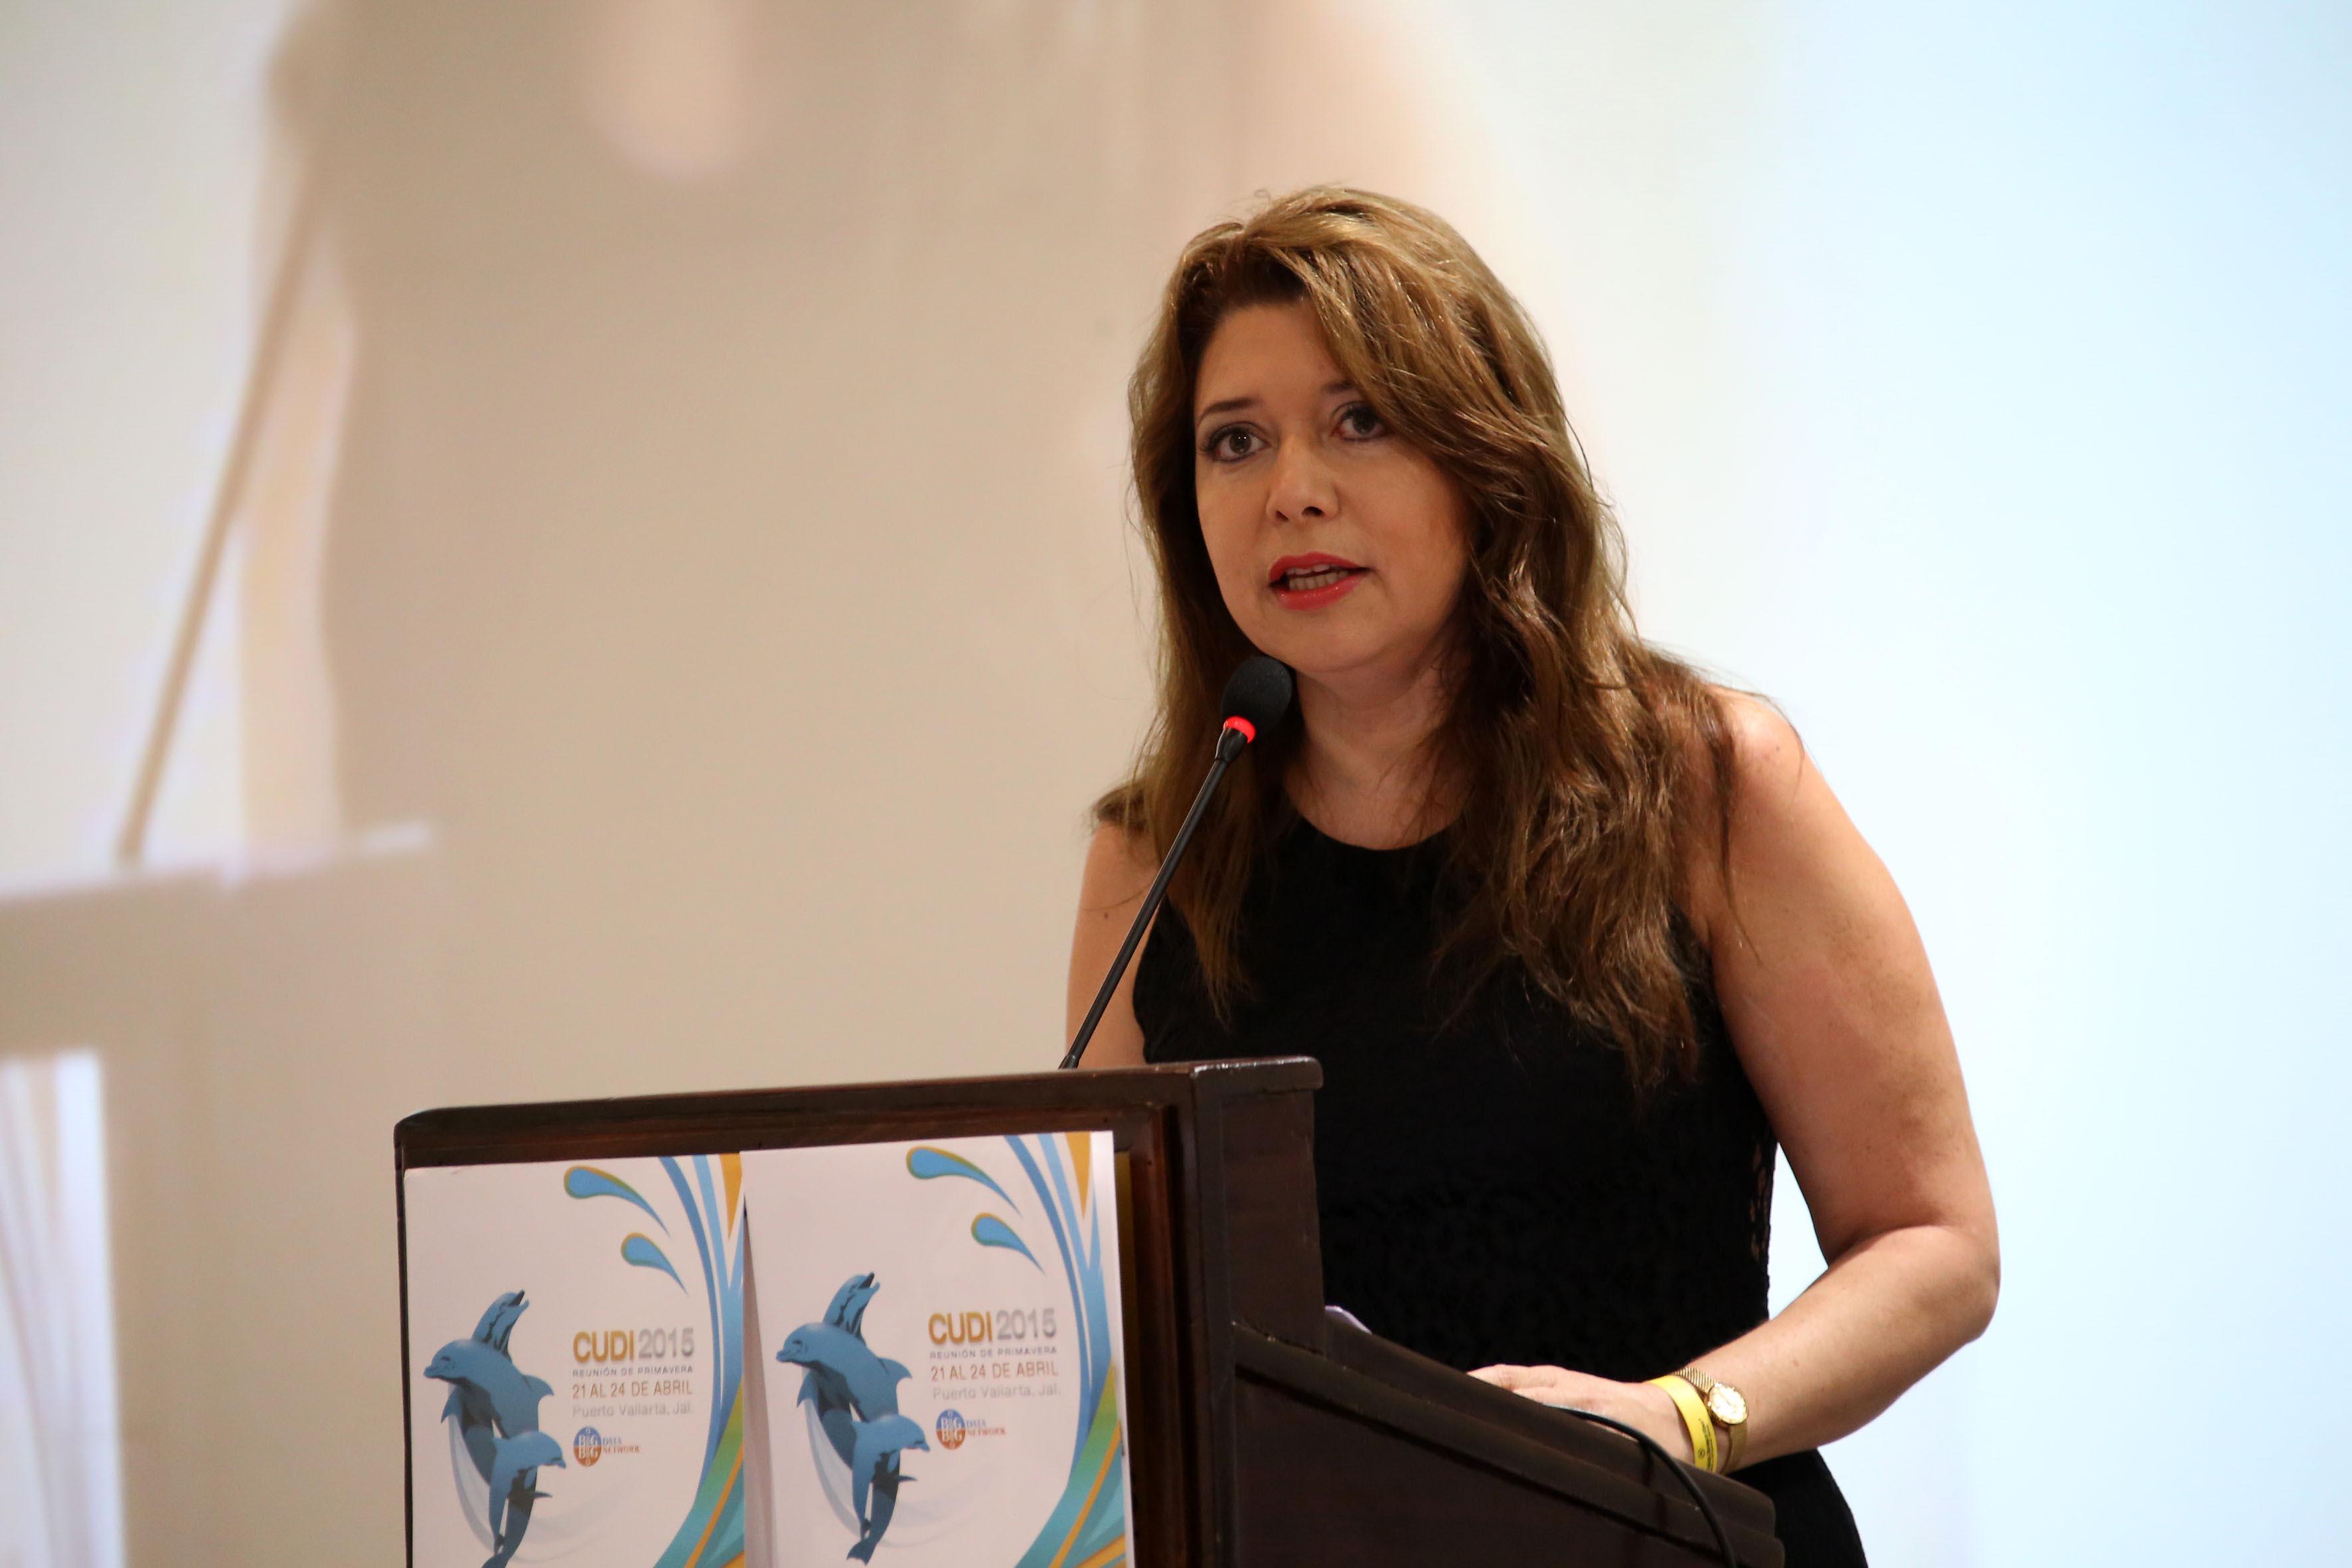 Carmen Rodriguez Armenta directora de la instancia coordinadora nacional del proyecto México conectado